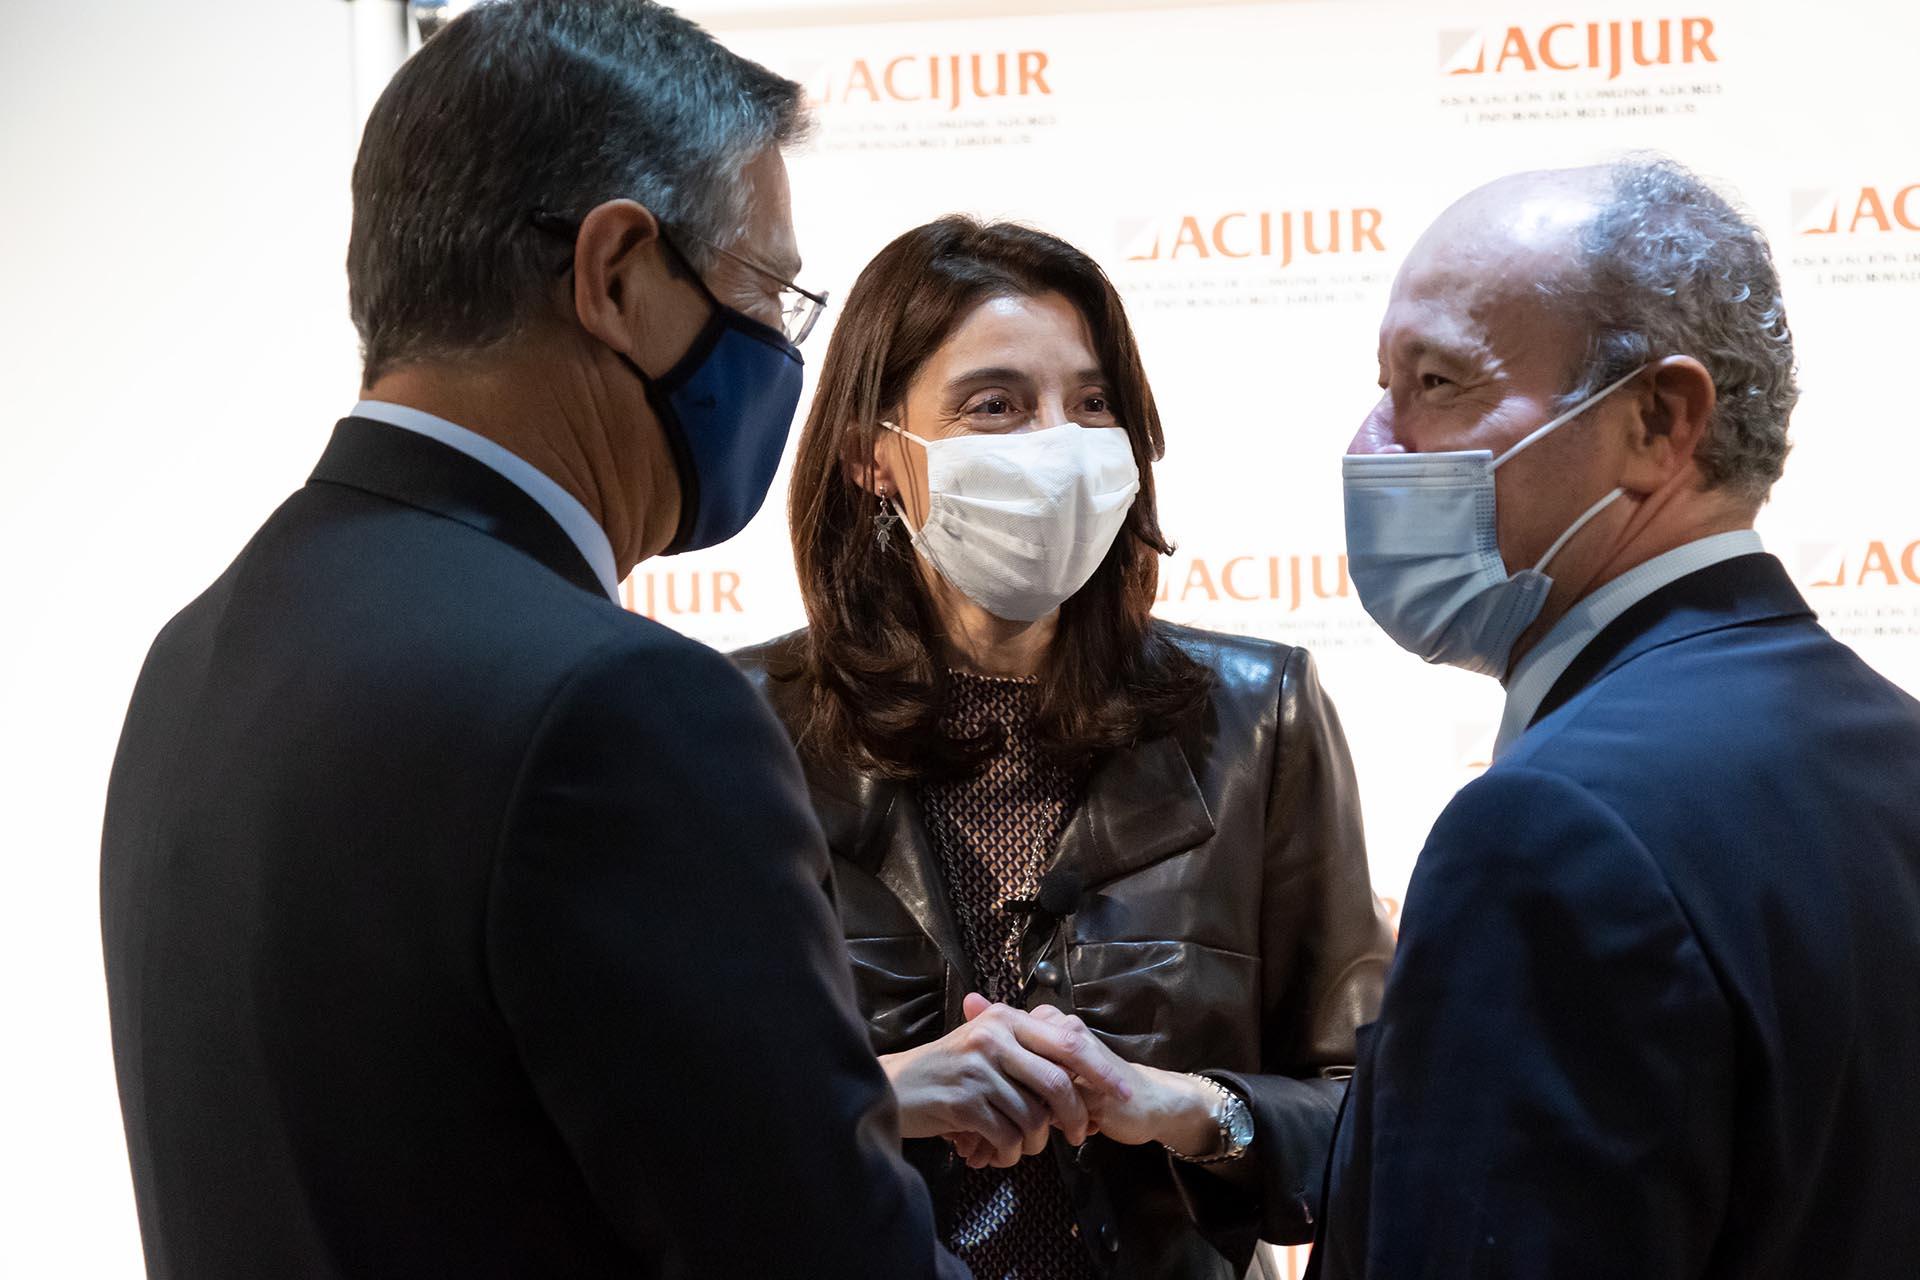 Pilar Llop, ministra de Justicia, y los exministros Juan Carlos Campo y Rafael Catalá, conversan.